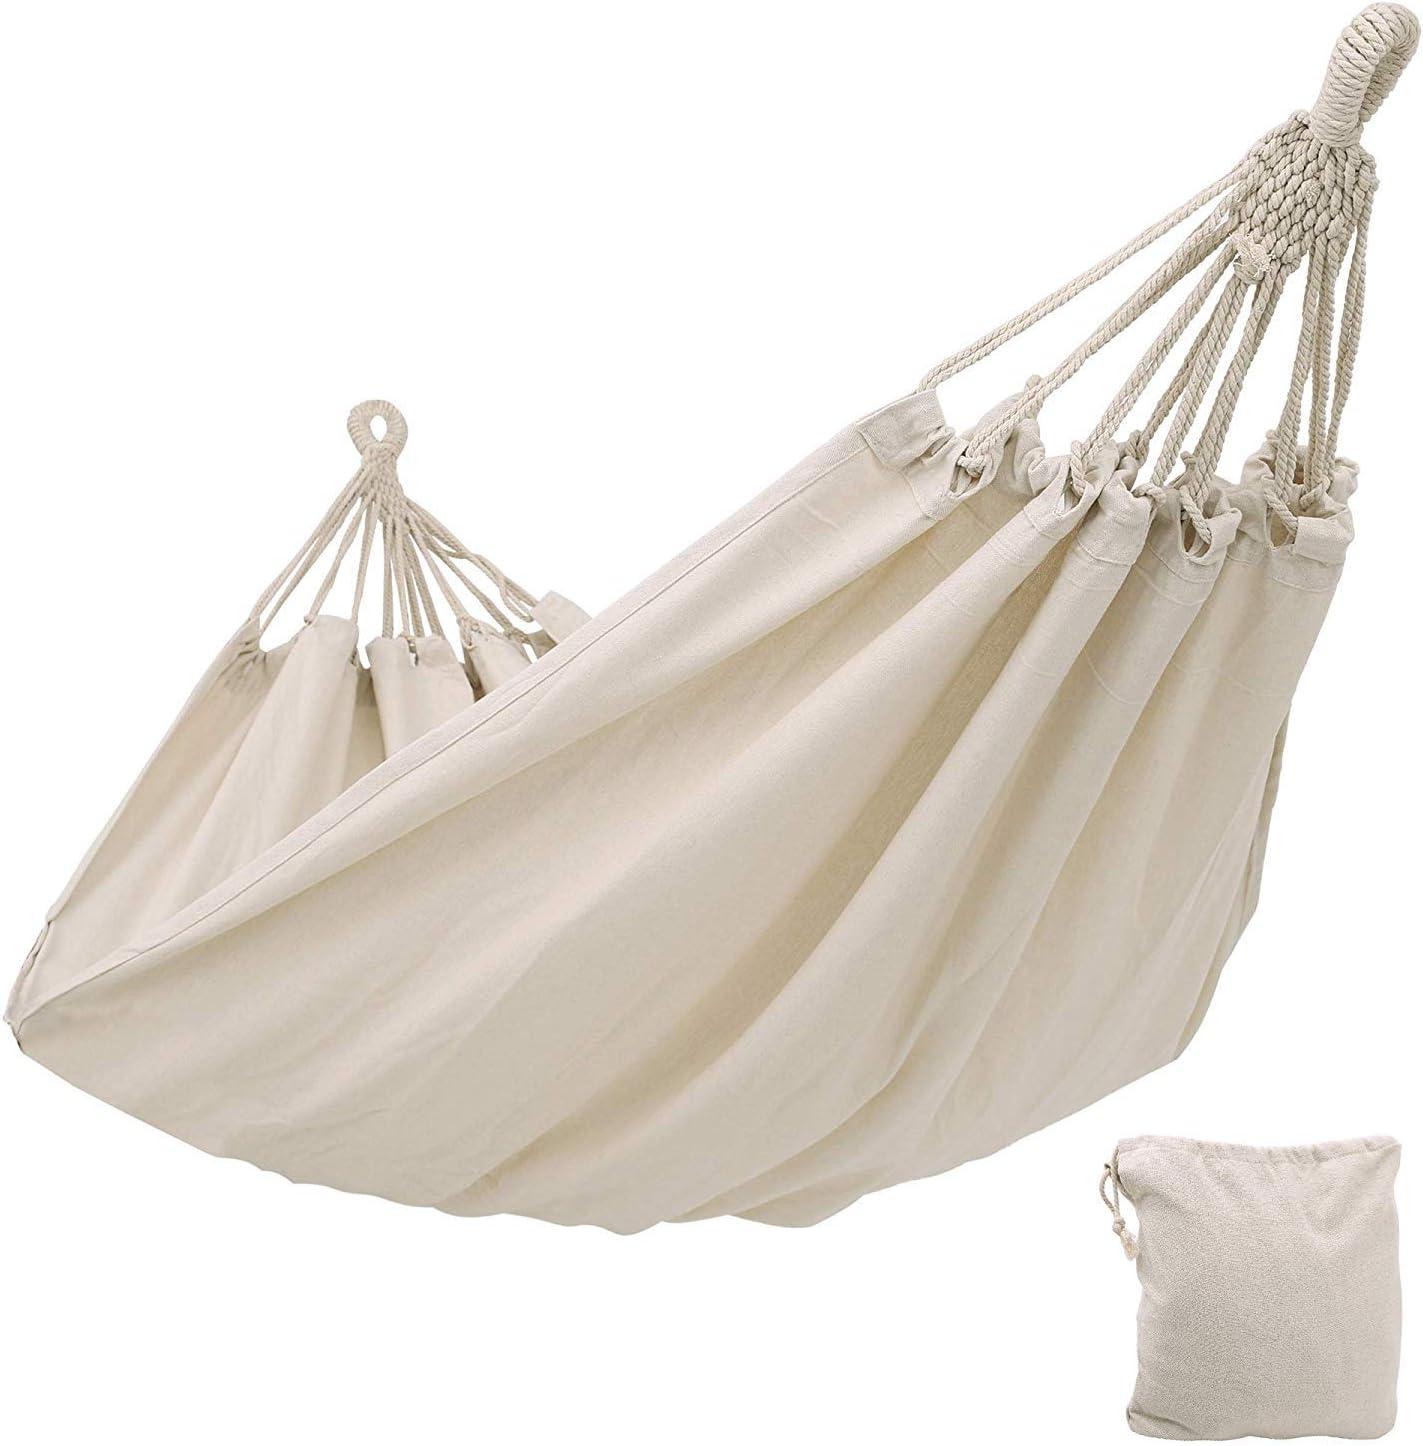 Kepeak - Hamaca de algodón para interior y exterior, 300 x 150 cm, capacidad de carga de 300 kg, ideal para excursiones de mochila, camping, patio trasero, jardín, color blanco